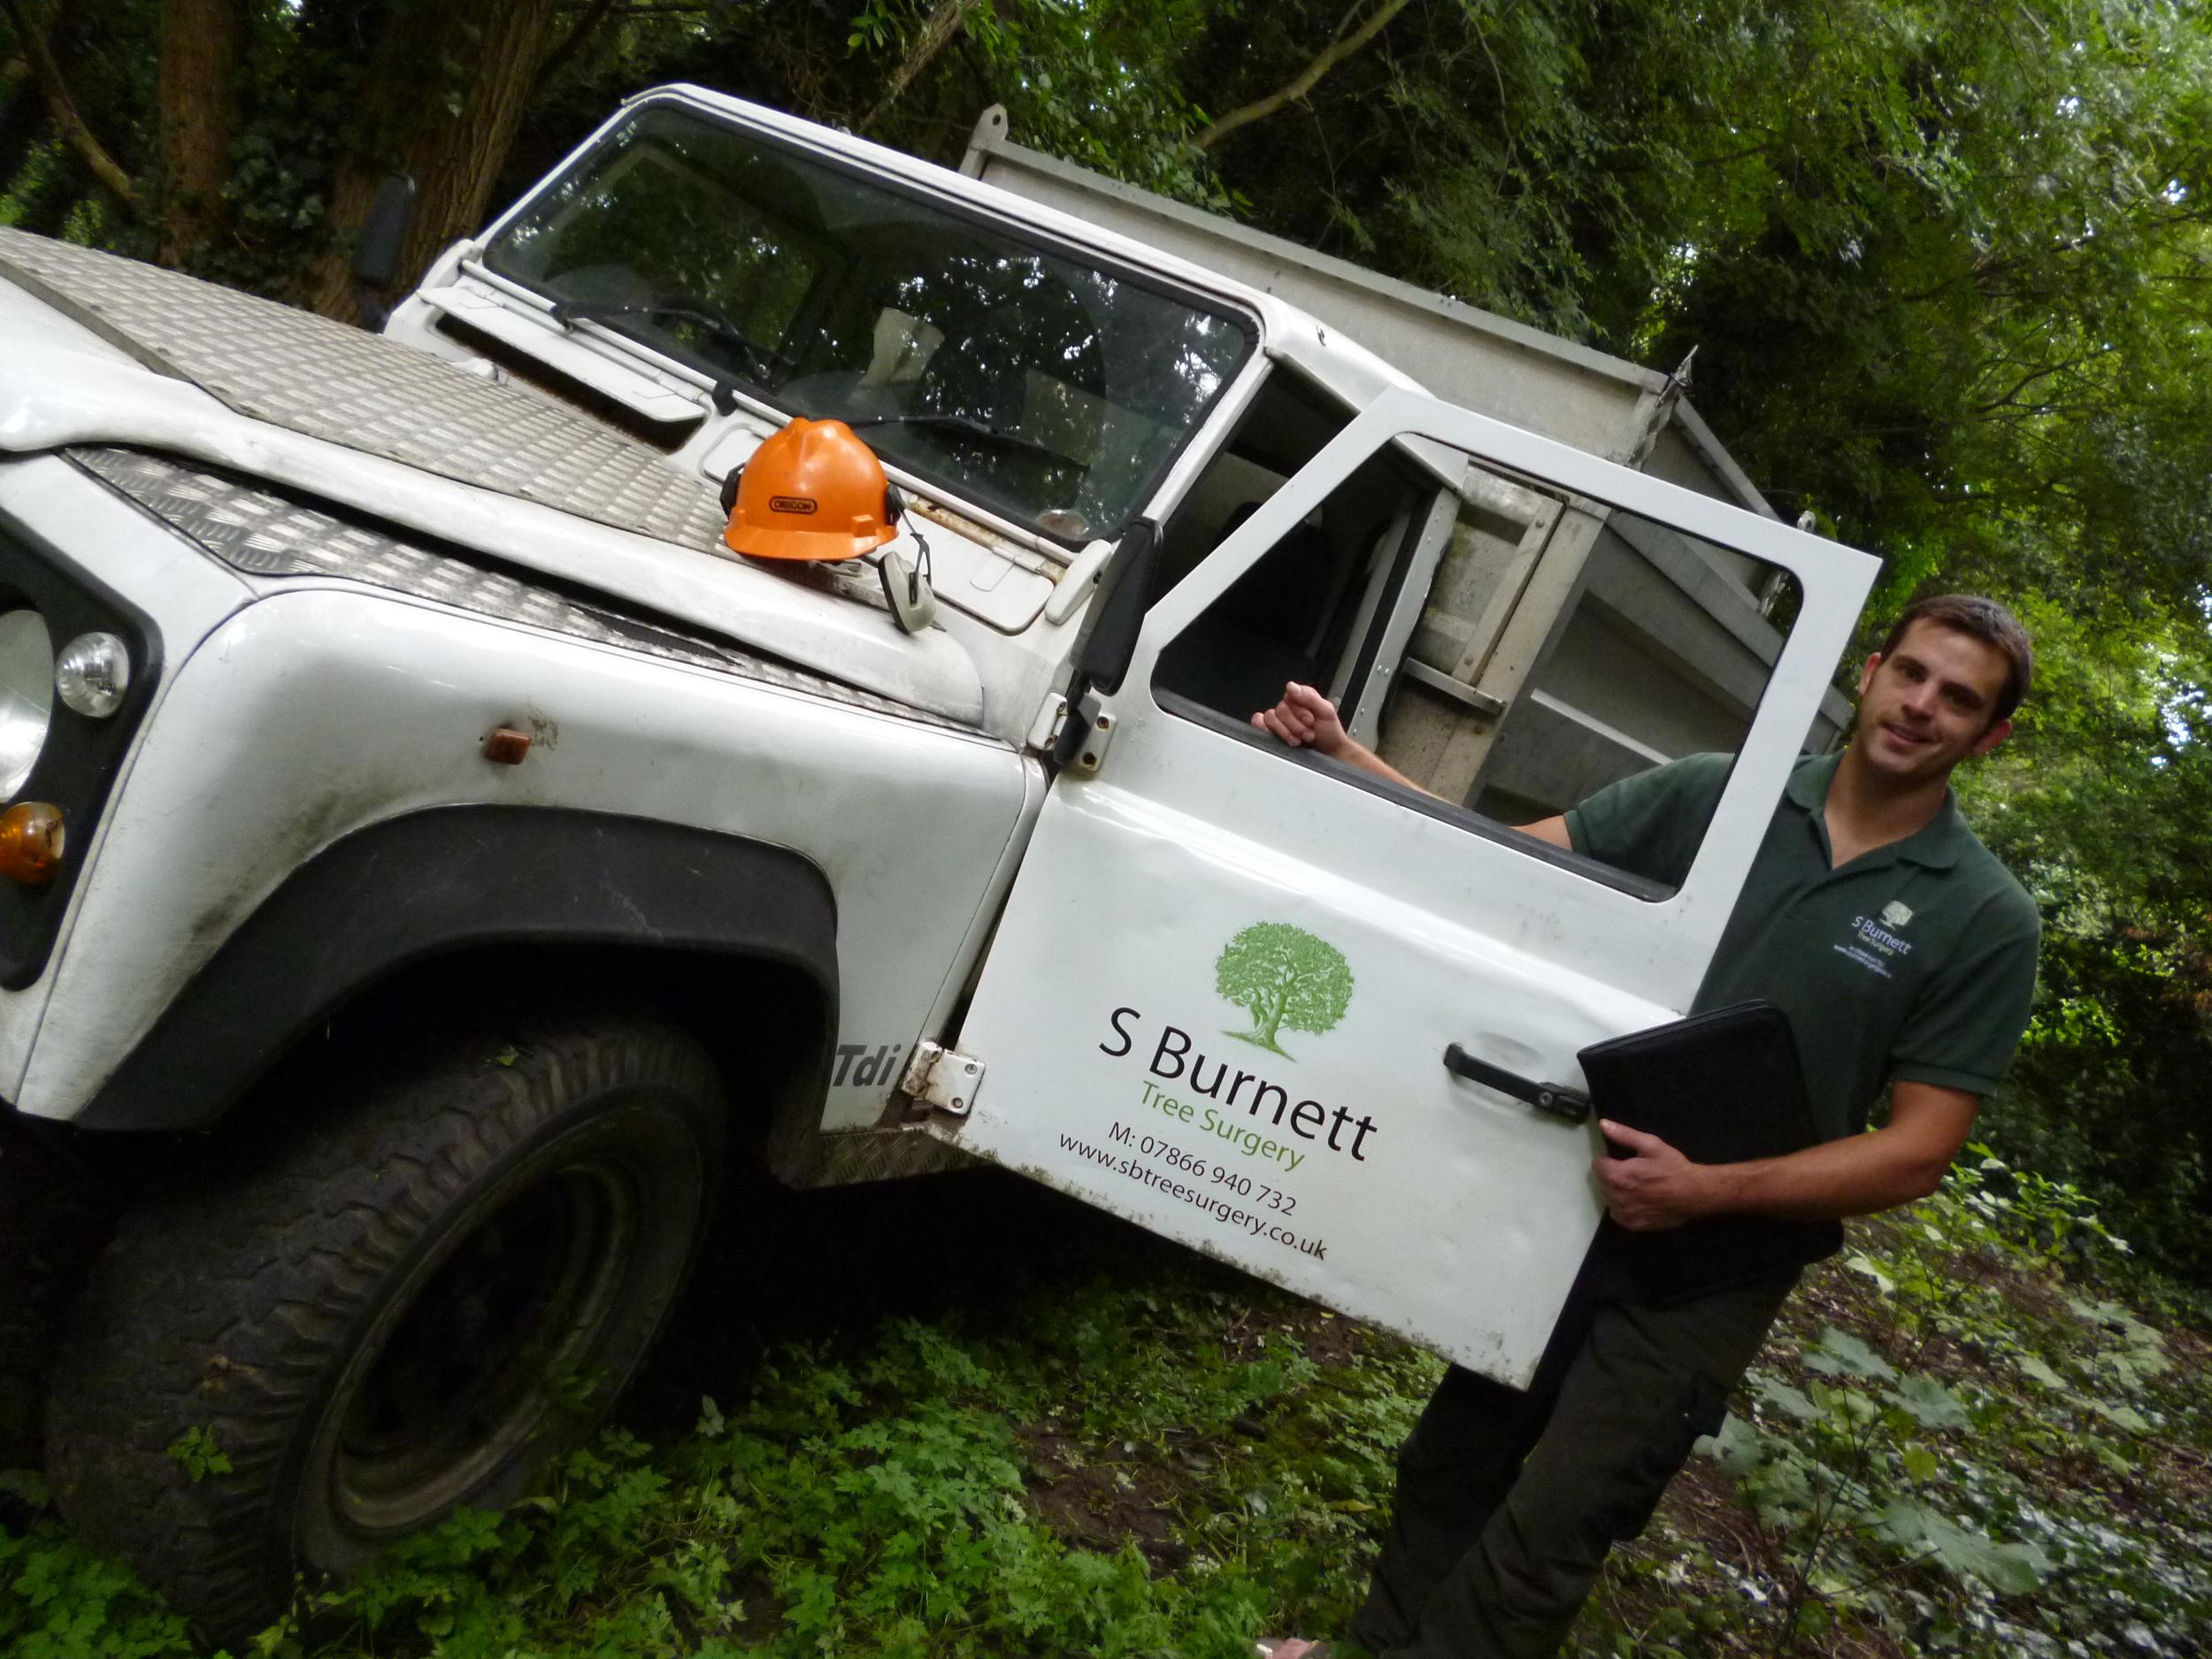 Steve S Burnett Tree Surgery